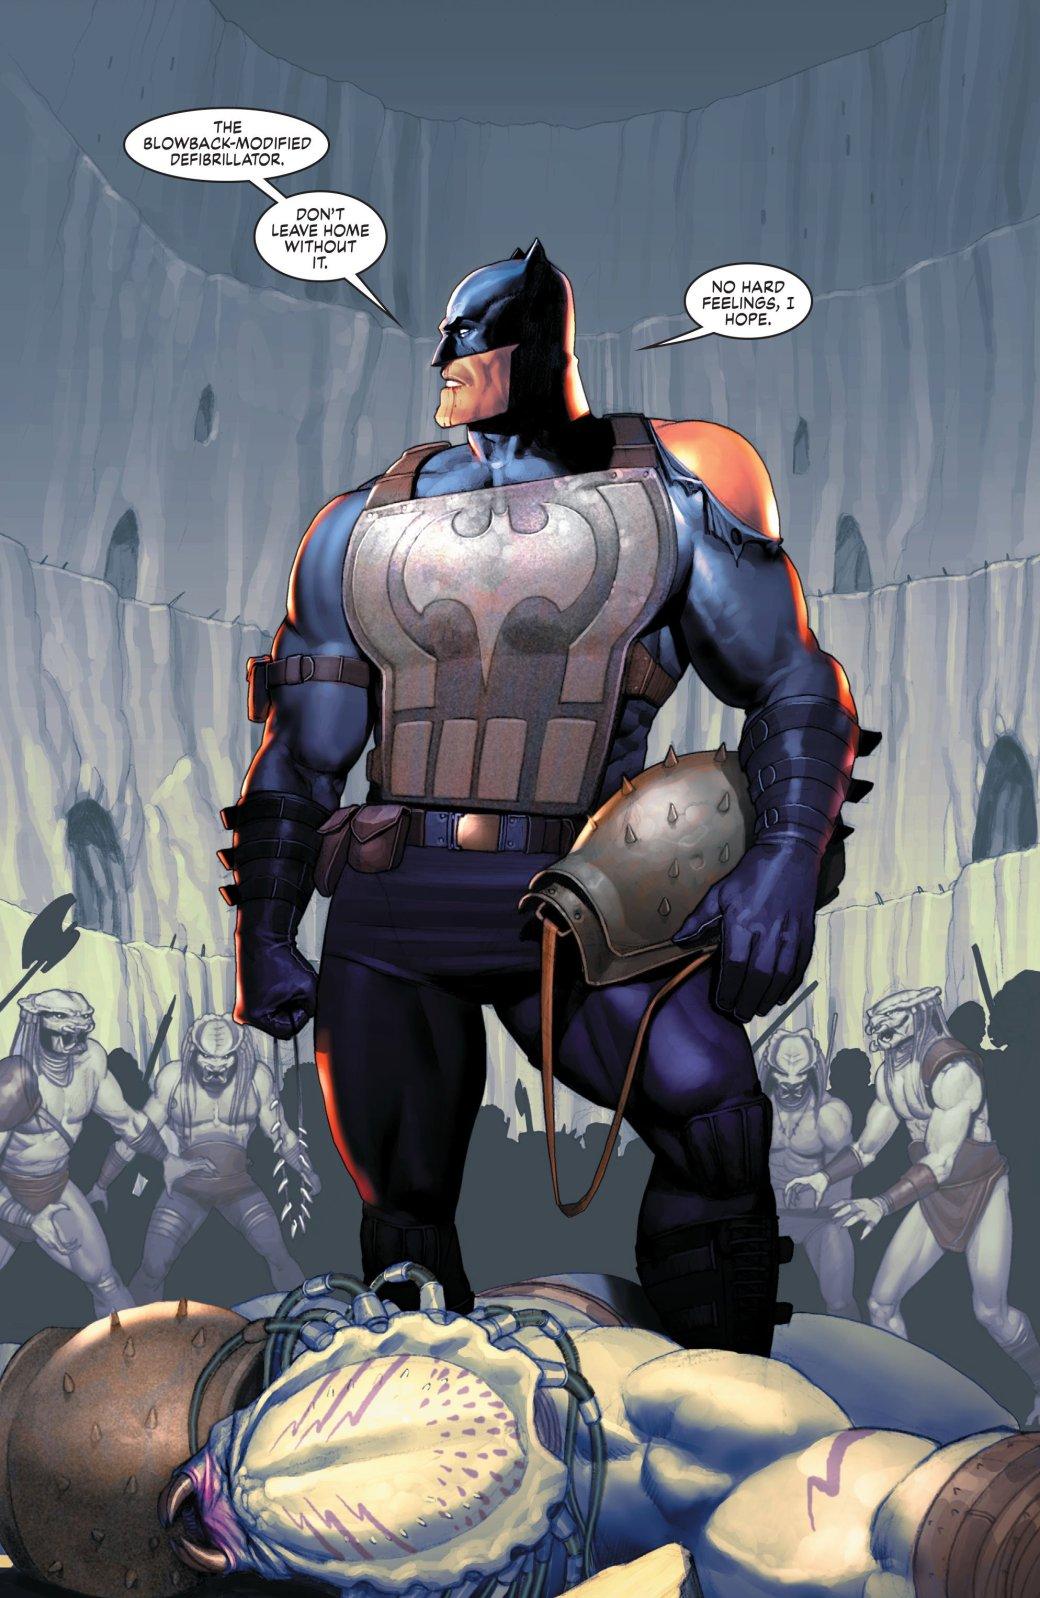 Бэтмен против Чужого?! Безумные комикс-кроссоверы сксеноморфами. - Изображение 31